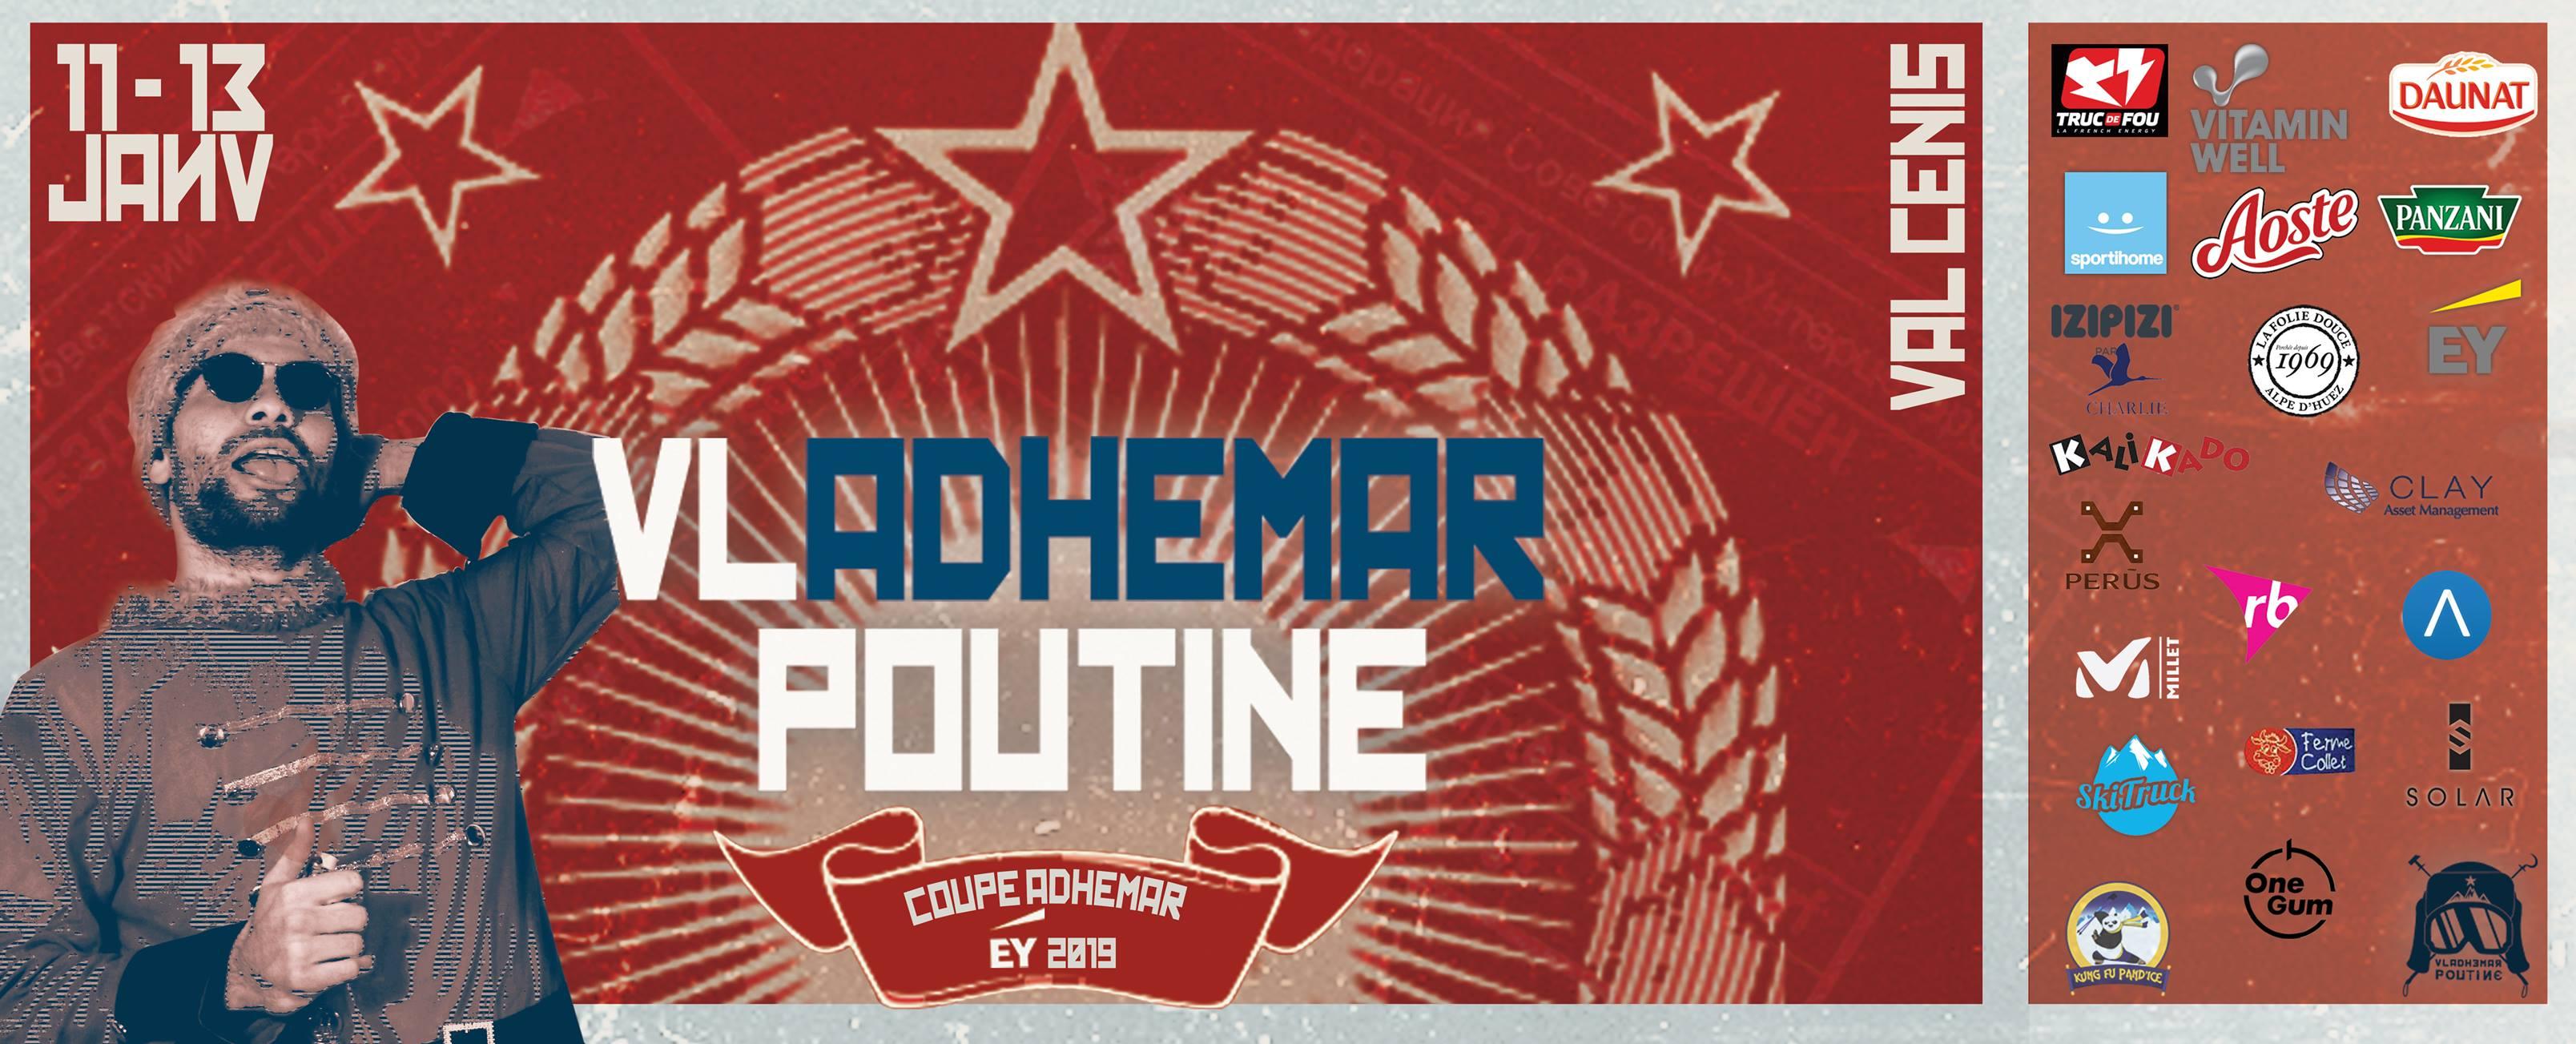 Read more about the article Vladhémar Poutine: le retour de la coupe Adhémar